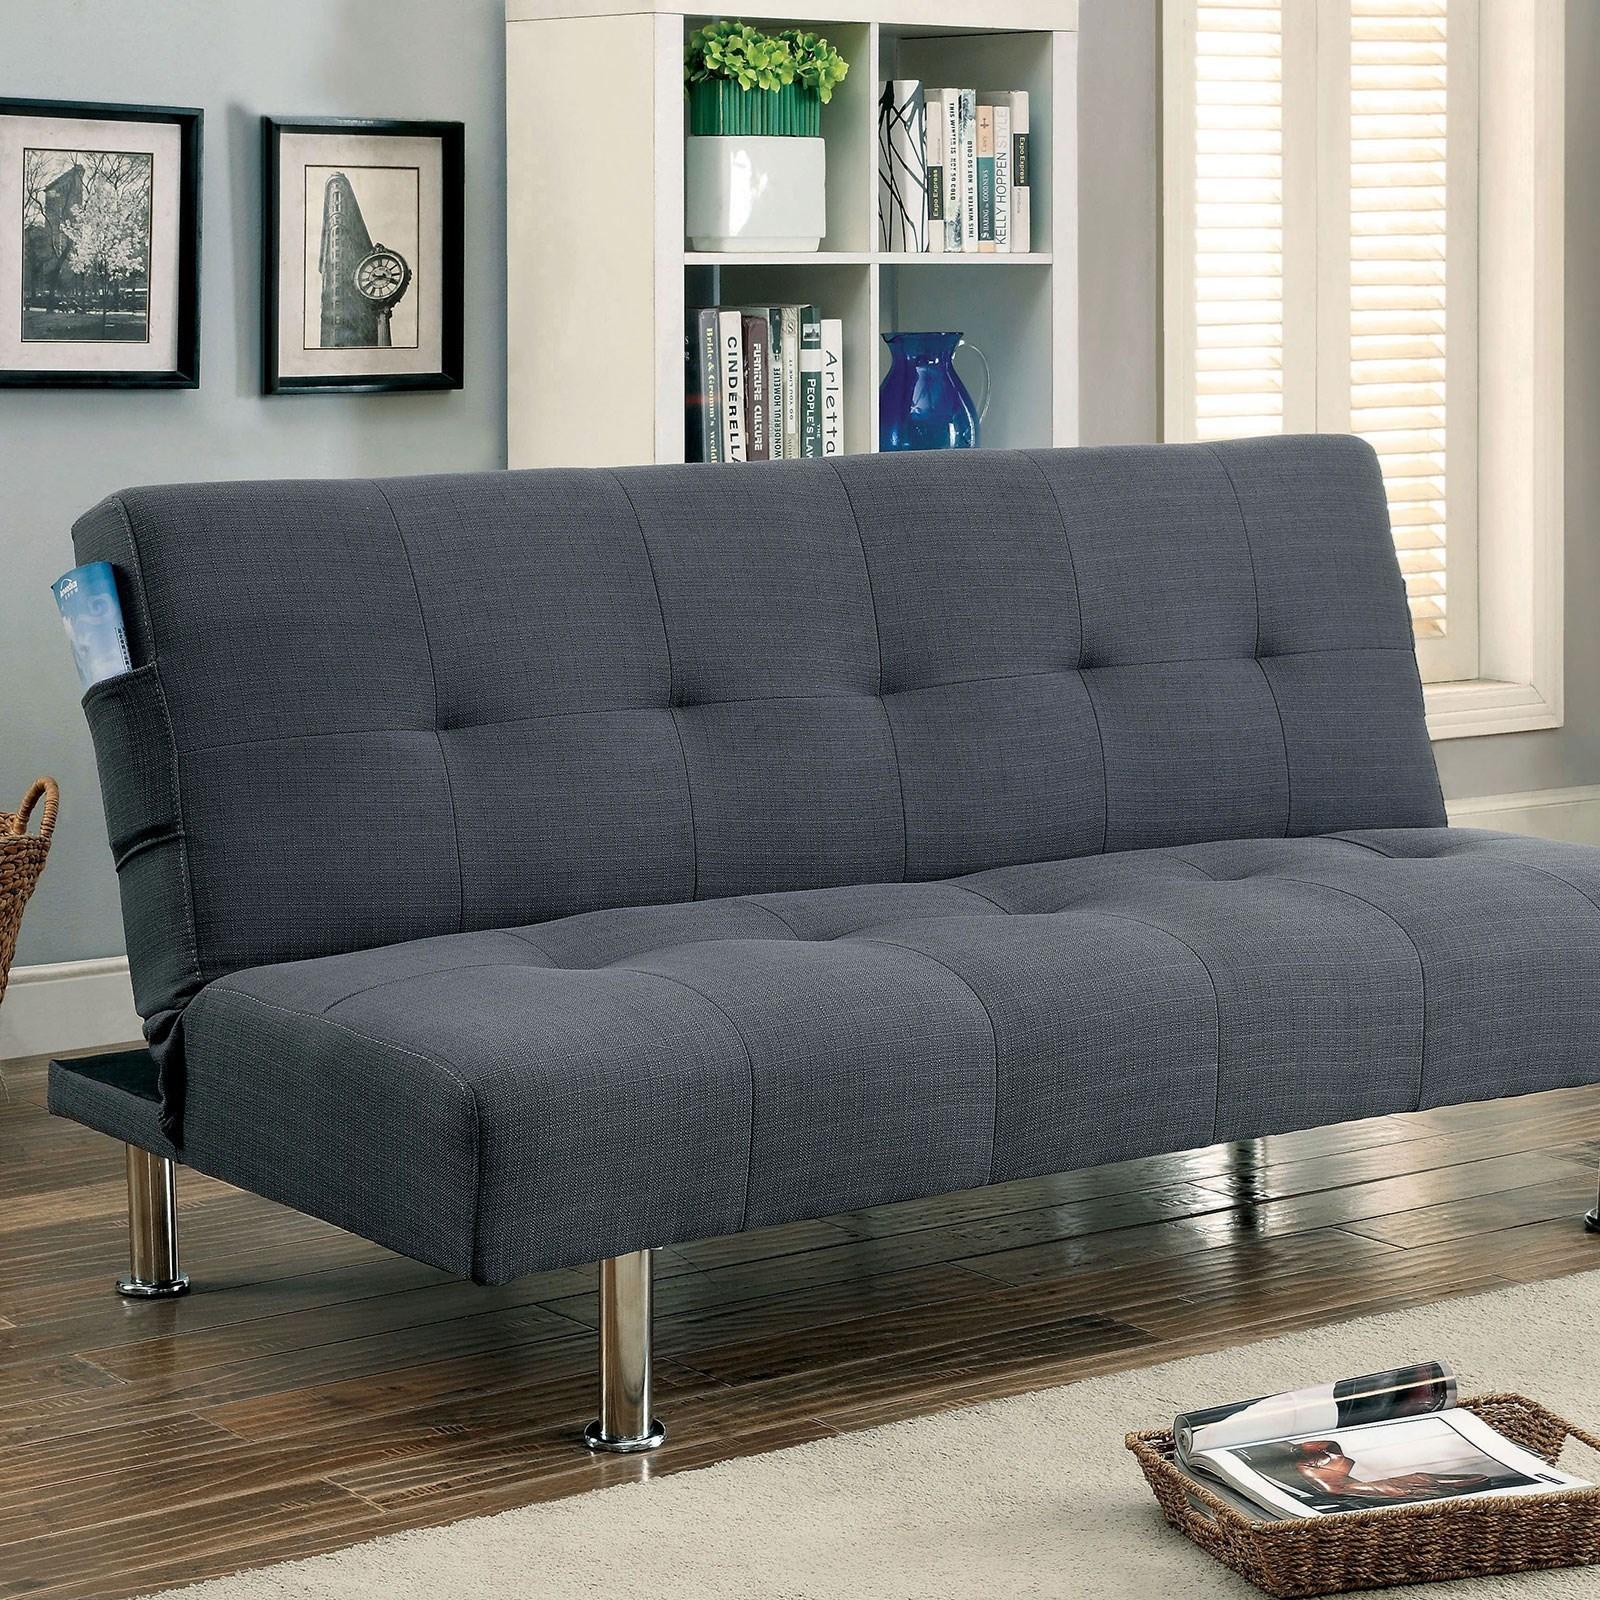 Dewey Cm2679gy Futon Sofa